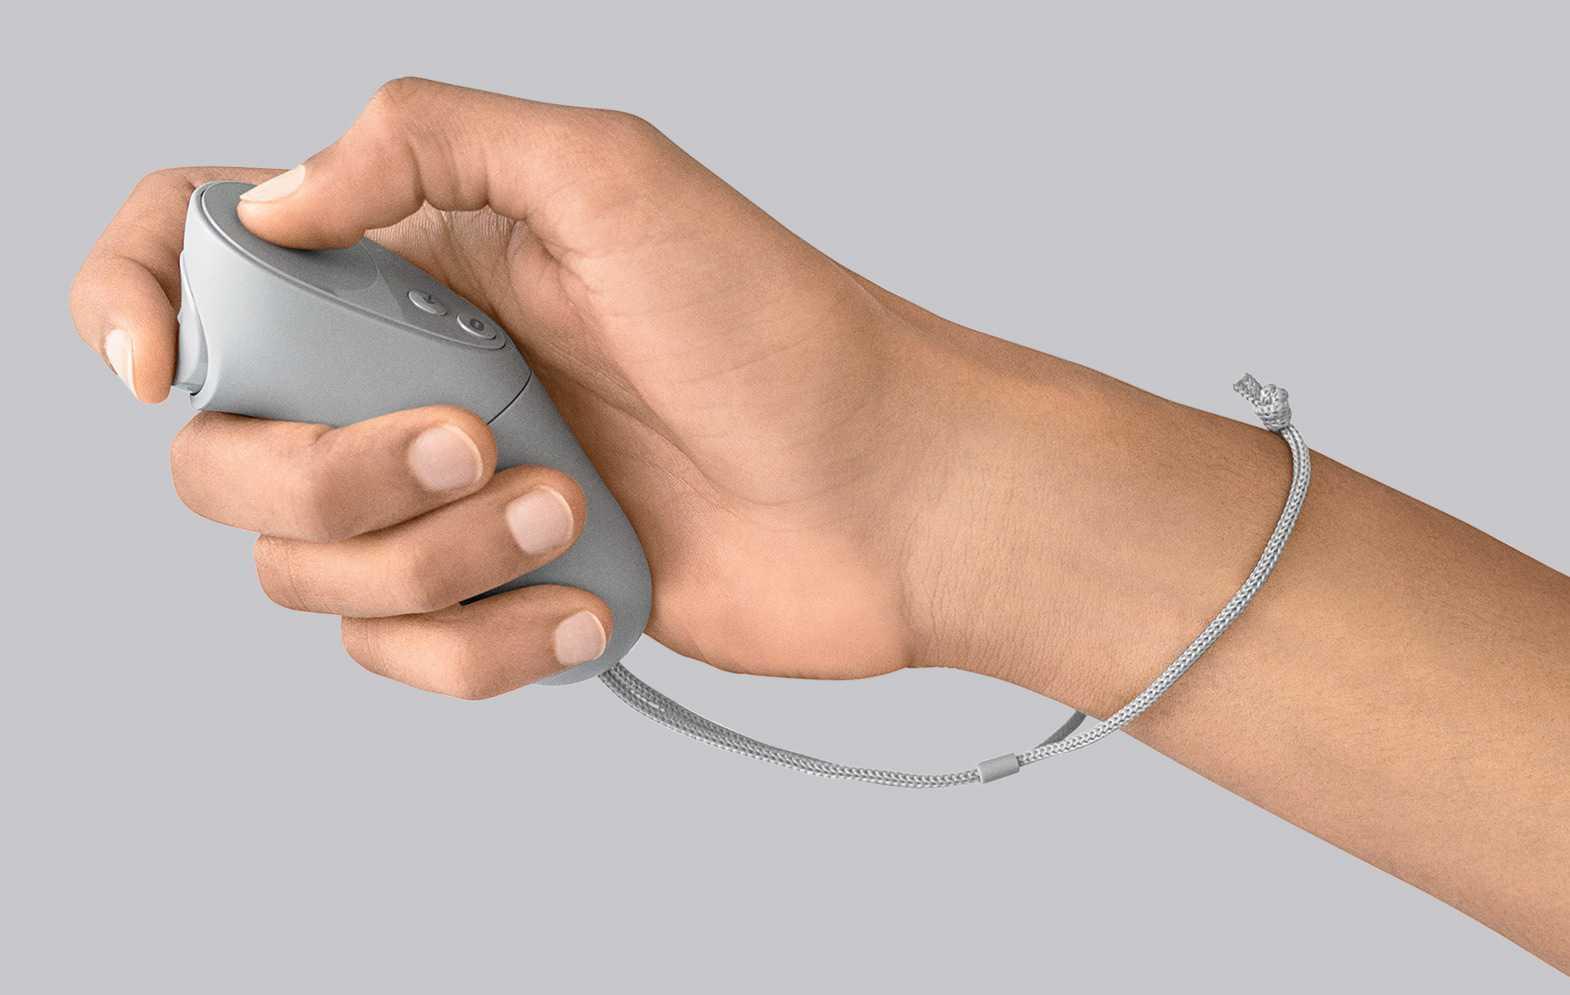 Der Oculus-Go-Handcontroller erkennt Handbewegungen, aber nicht die Position im Raum.